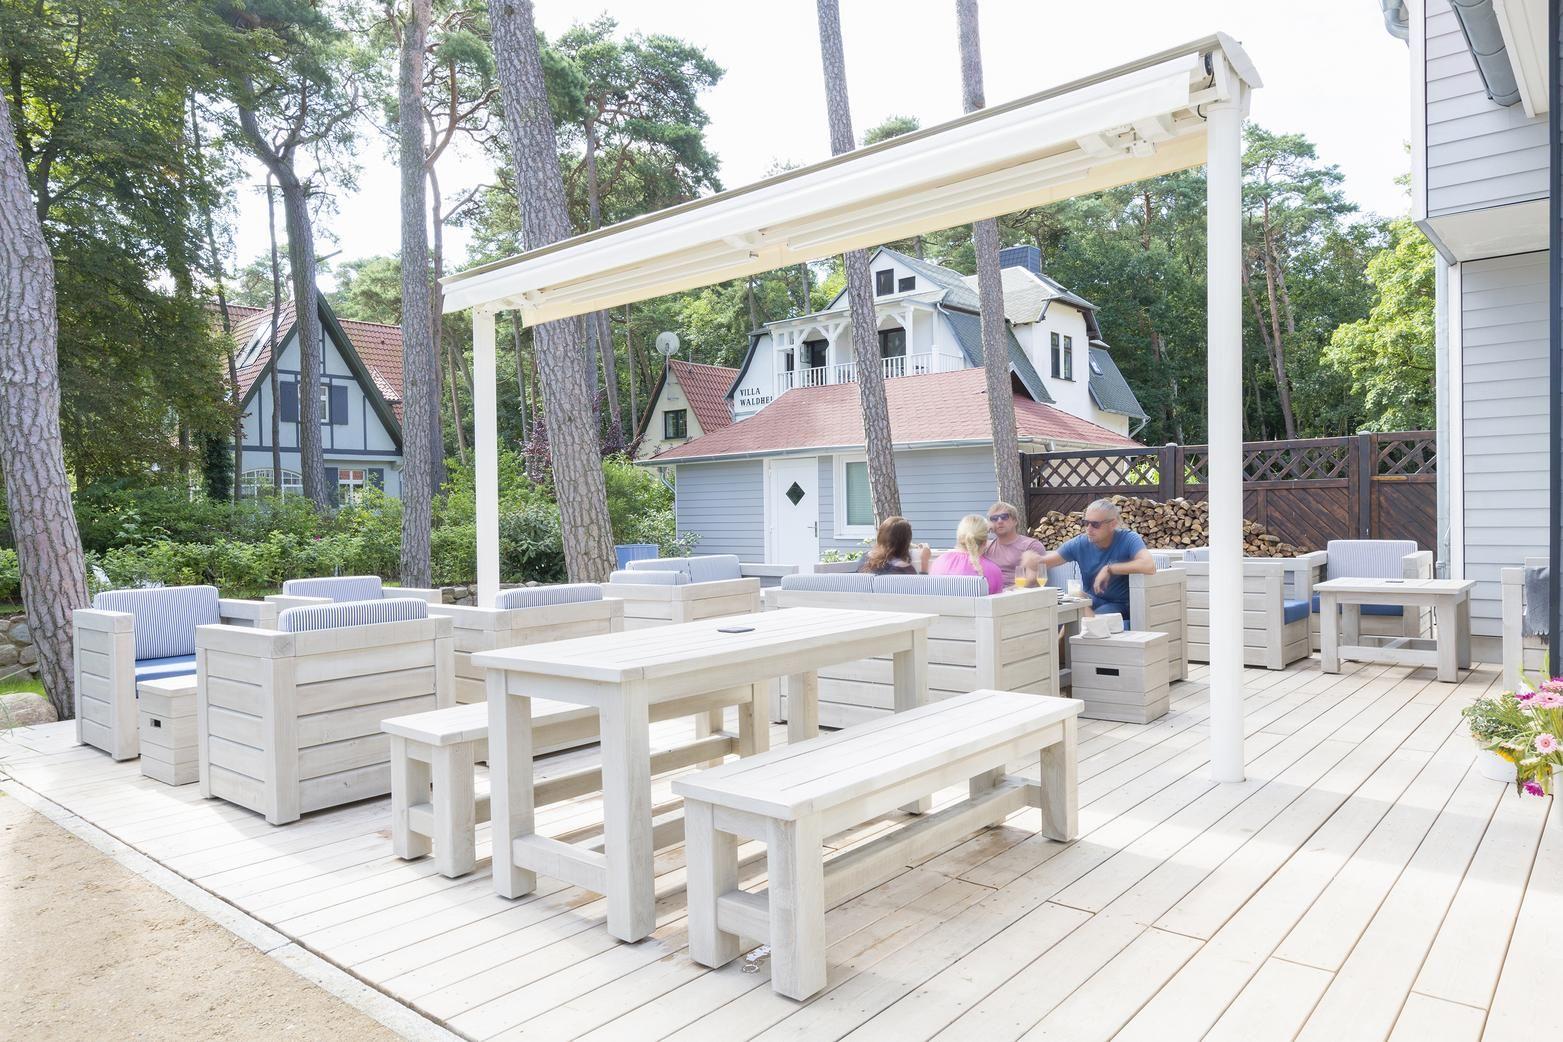 Entzückend Schnieder Stuhlfabrik Sammlung Von Café Bistro - Terrassen-möbel Aus Massivholz. #stuhlfabrik